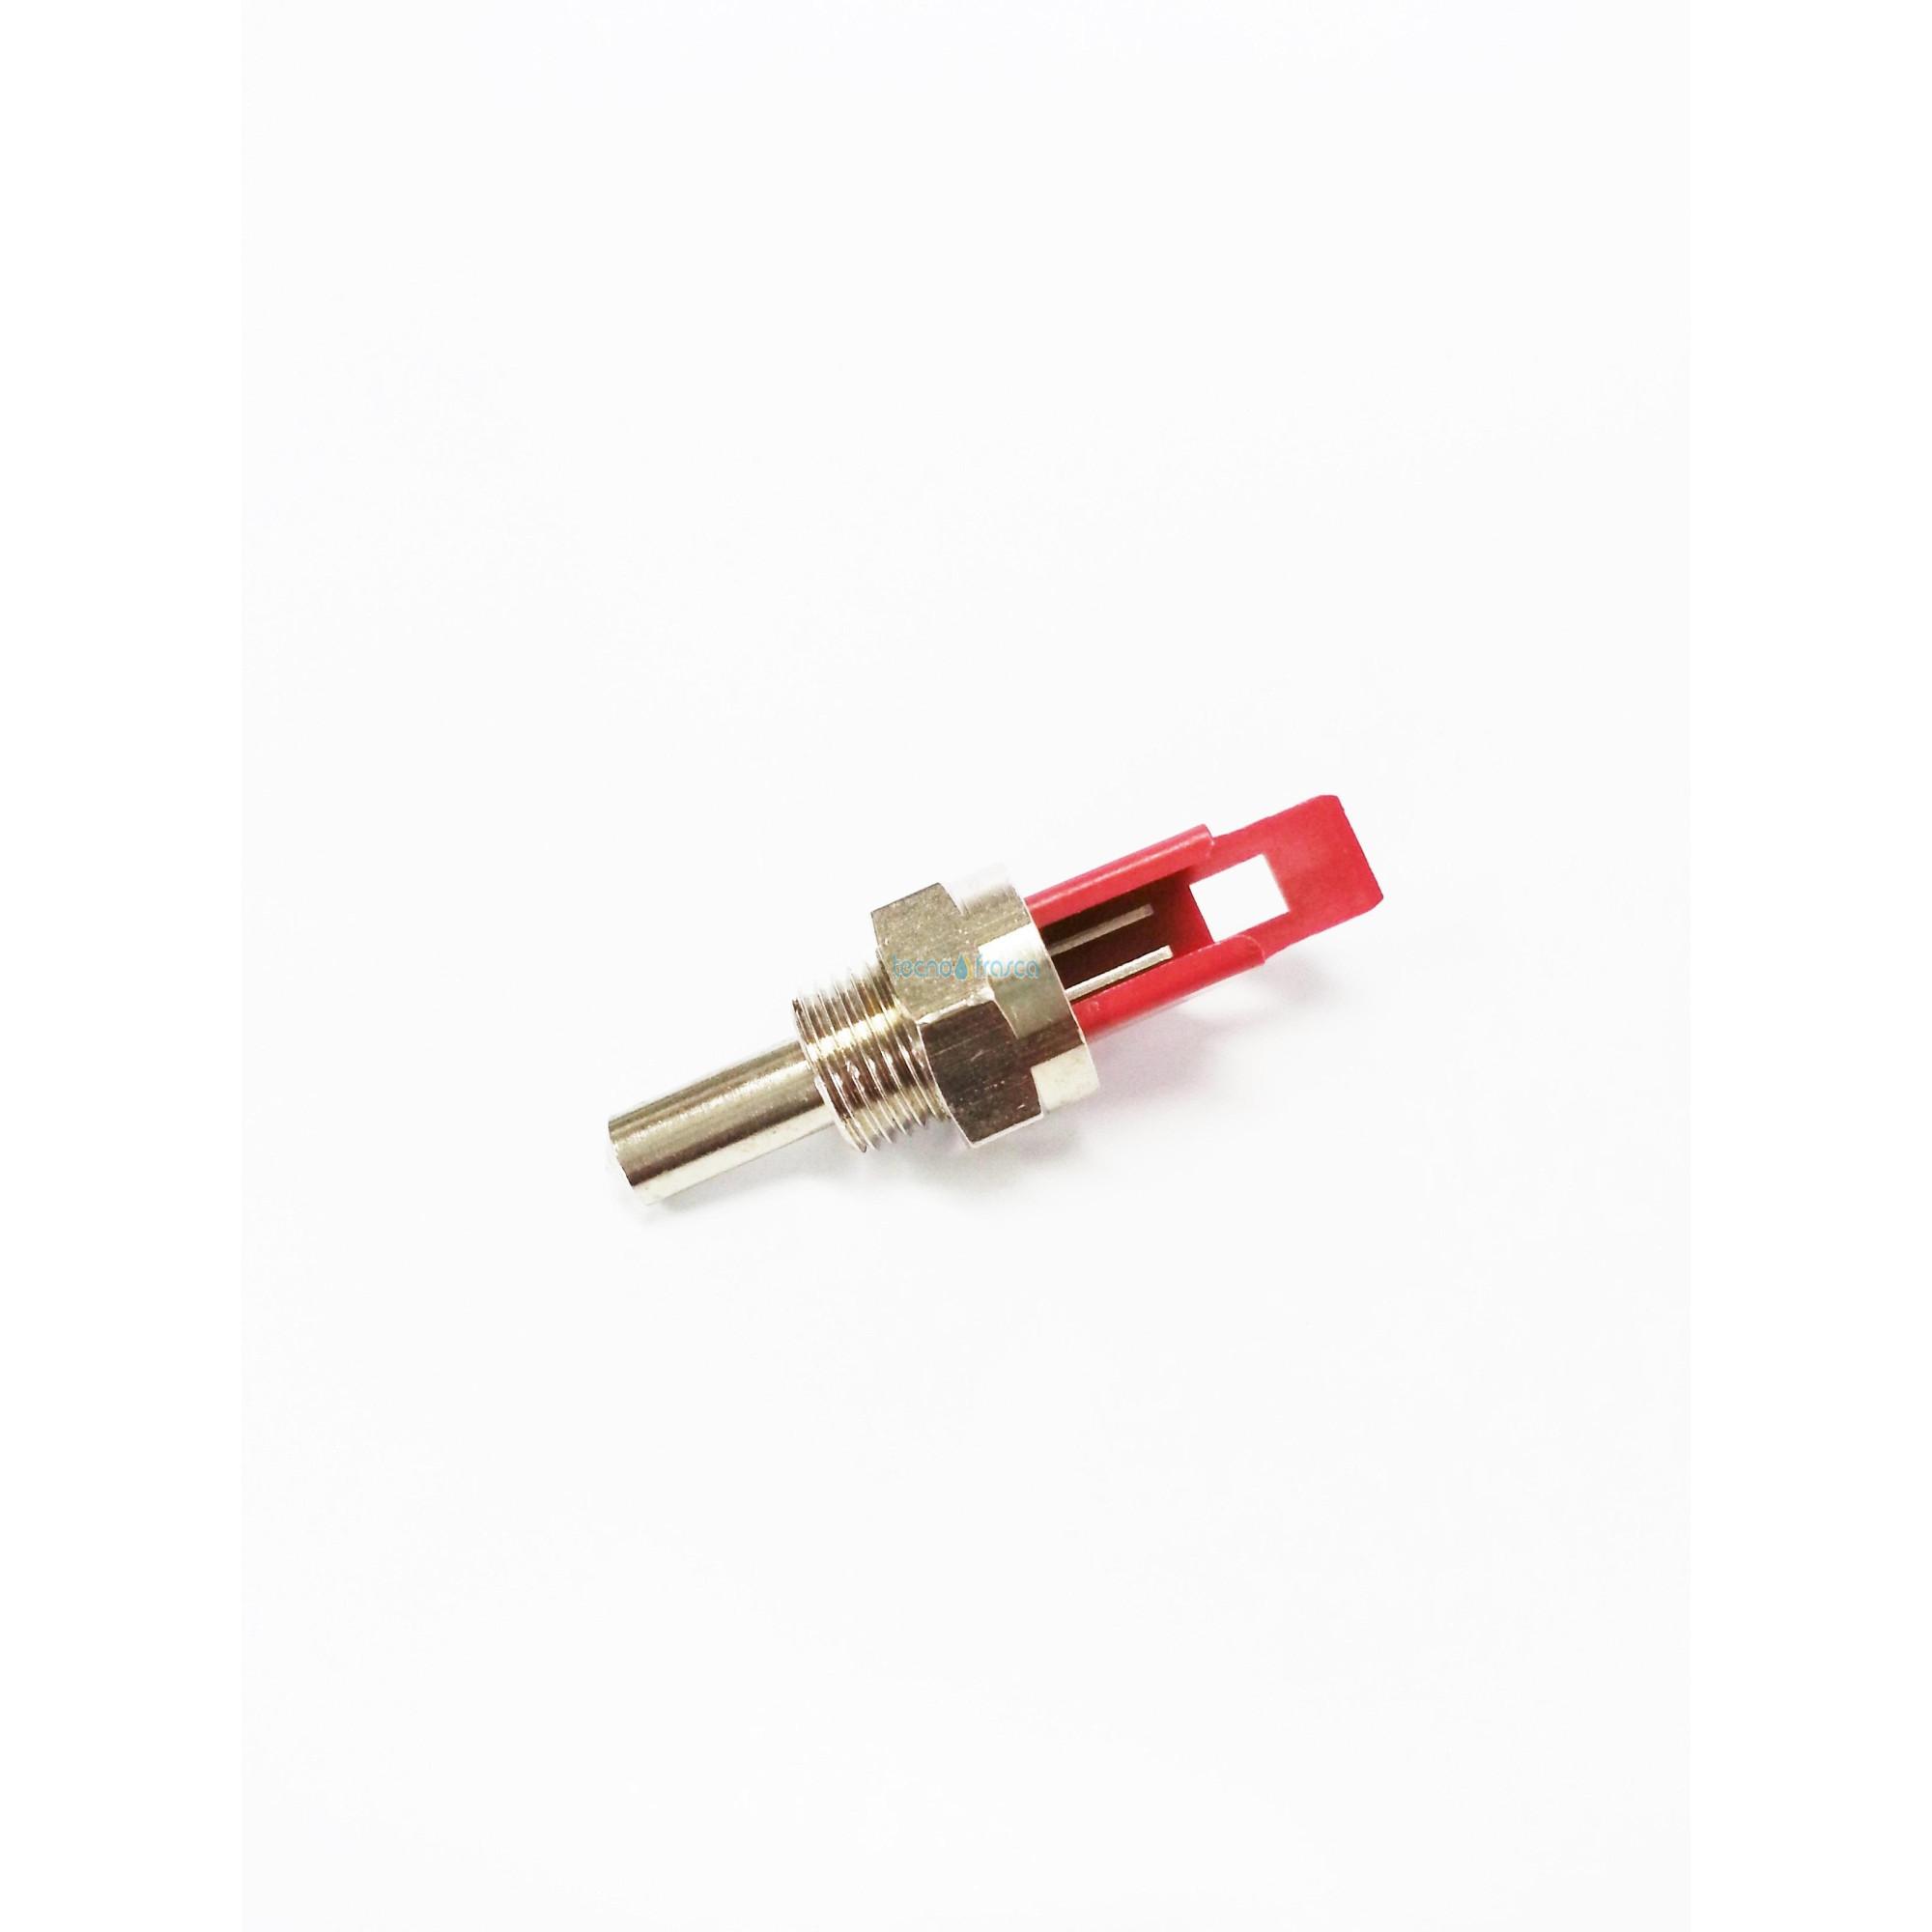 Beretta sonda sensore caldaia ntc rossa r10027352